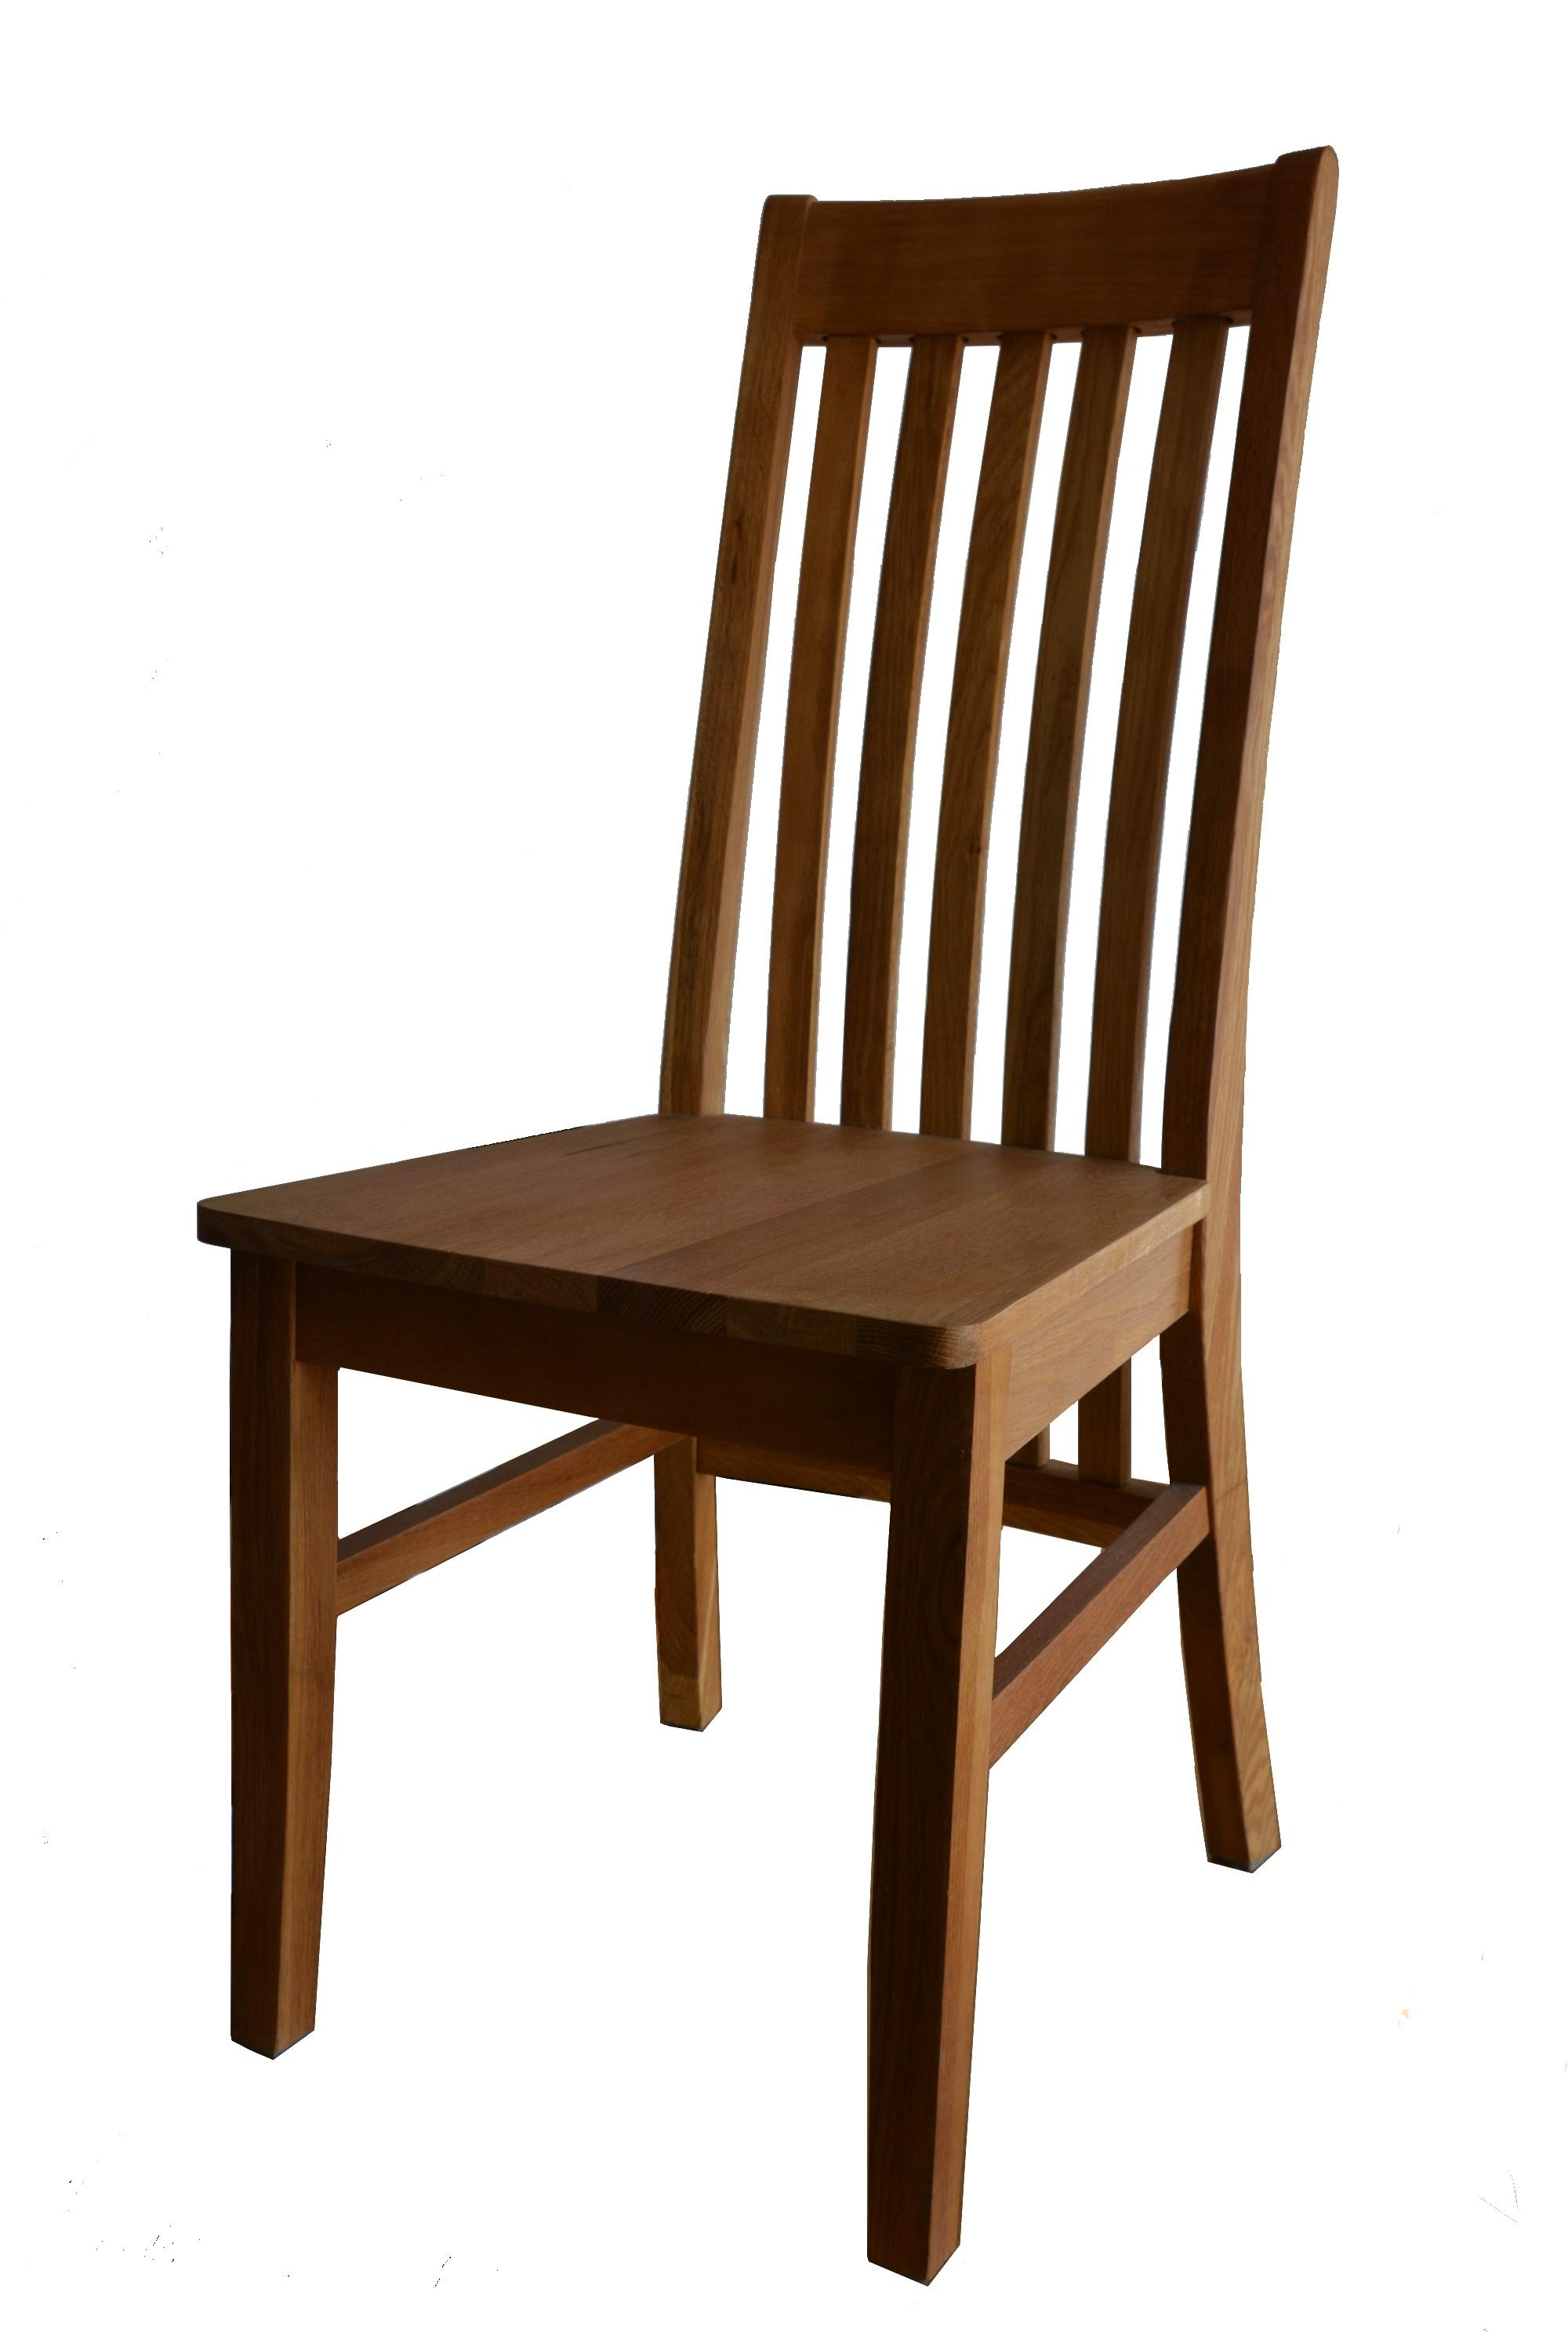 Fotos gratis : mesa, silla, sentar, madera dura, brazo, Piezas de ...